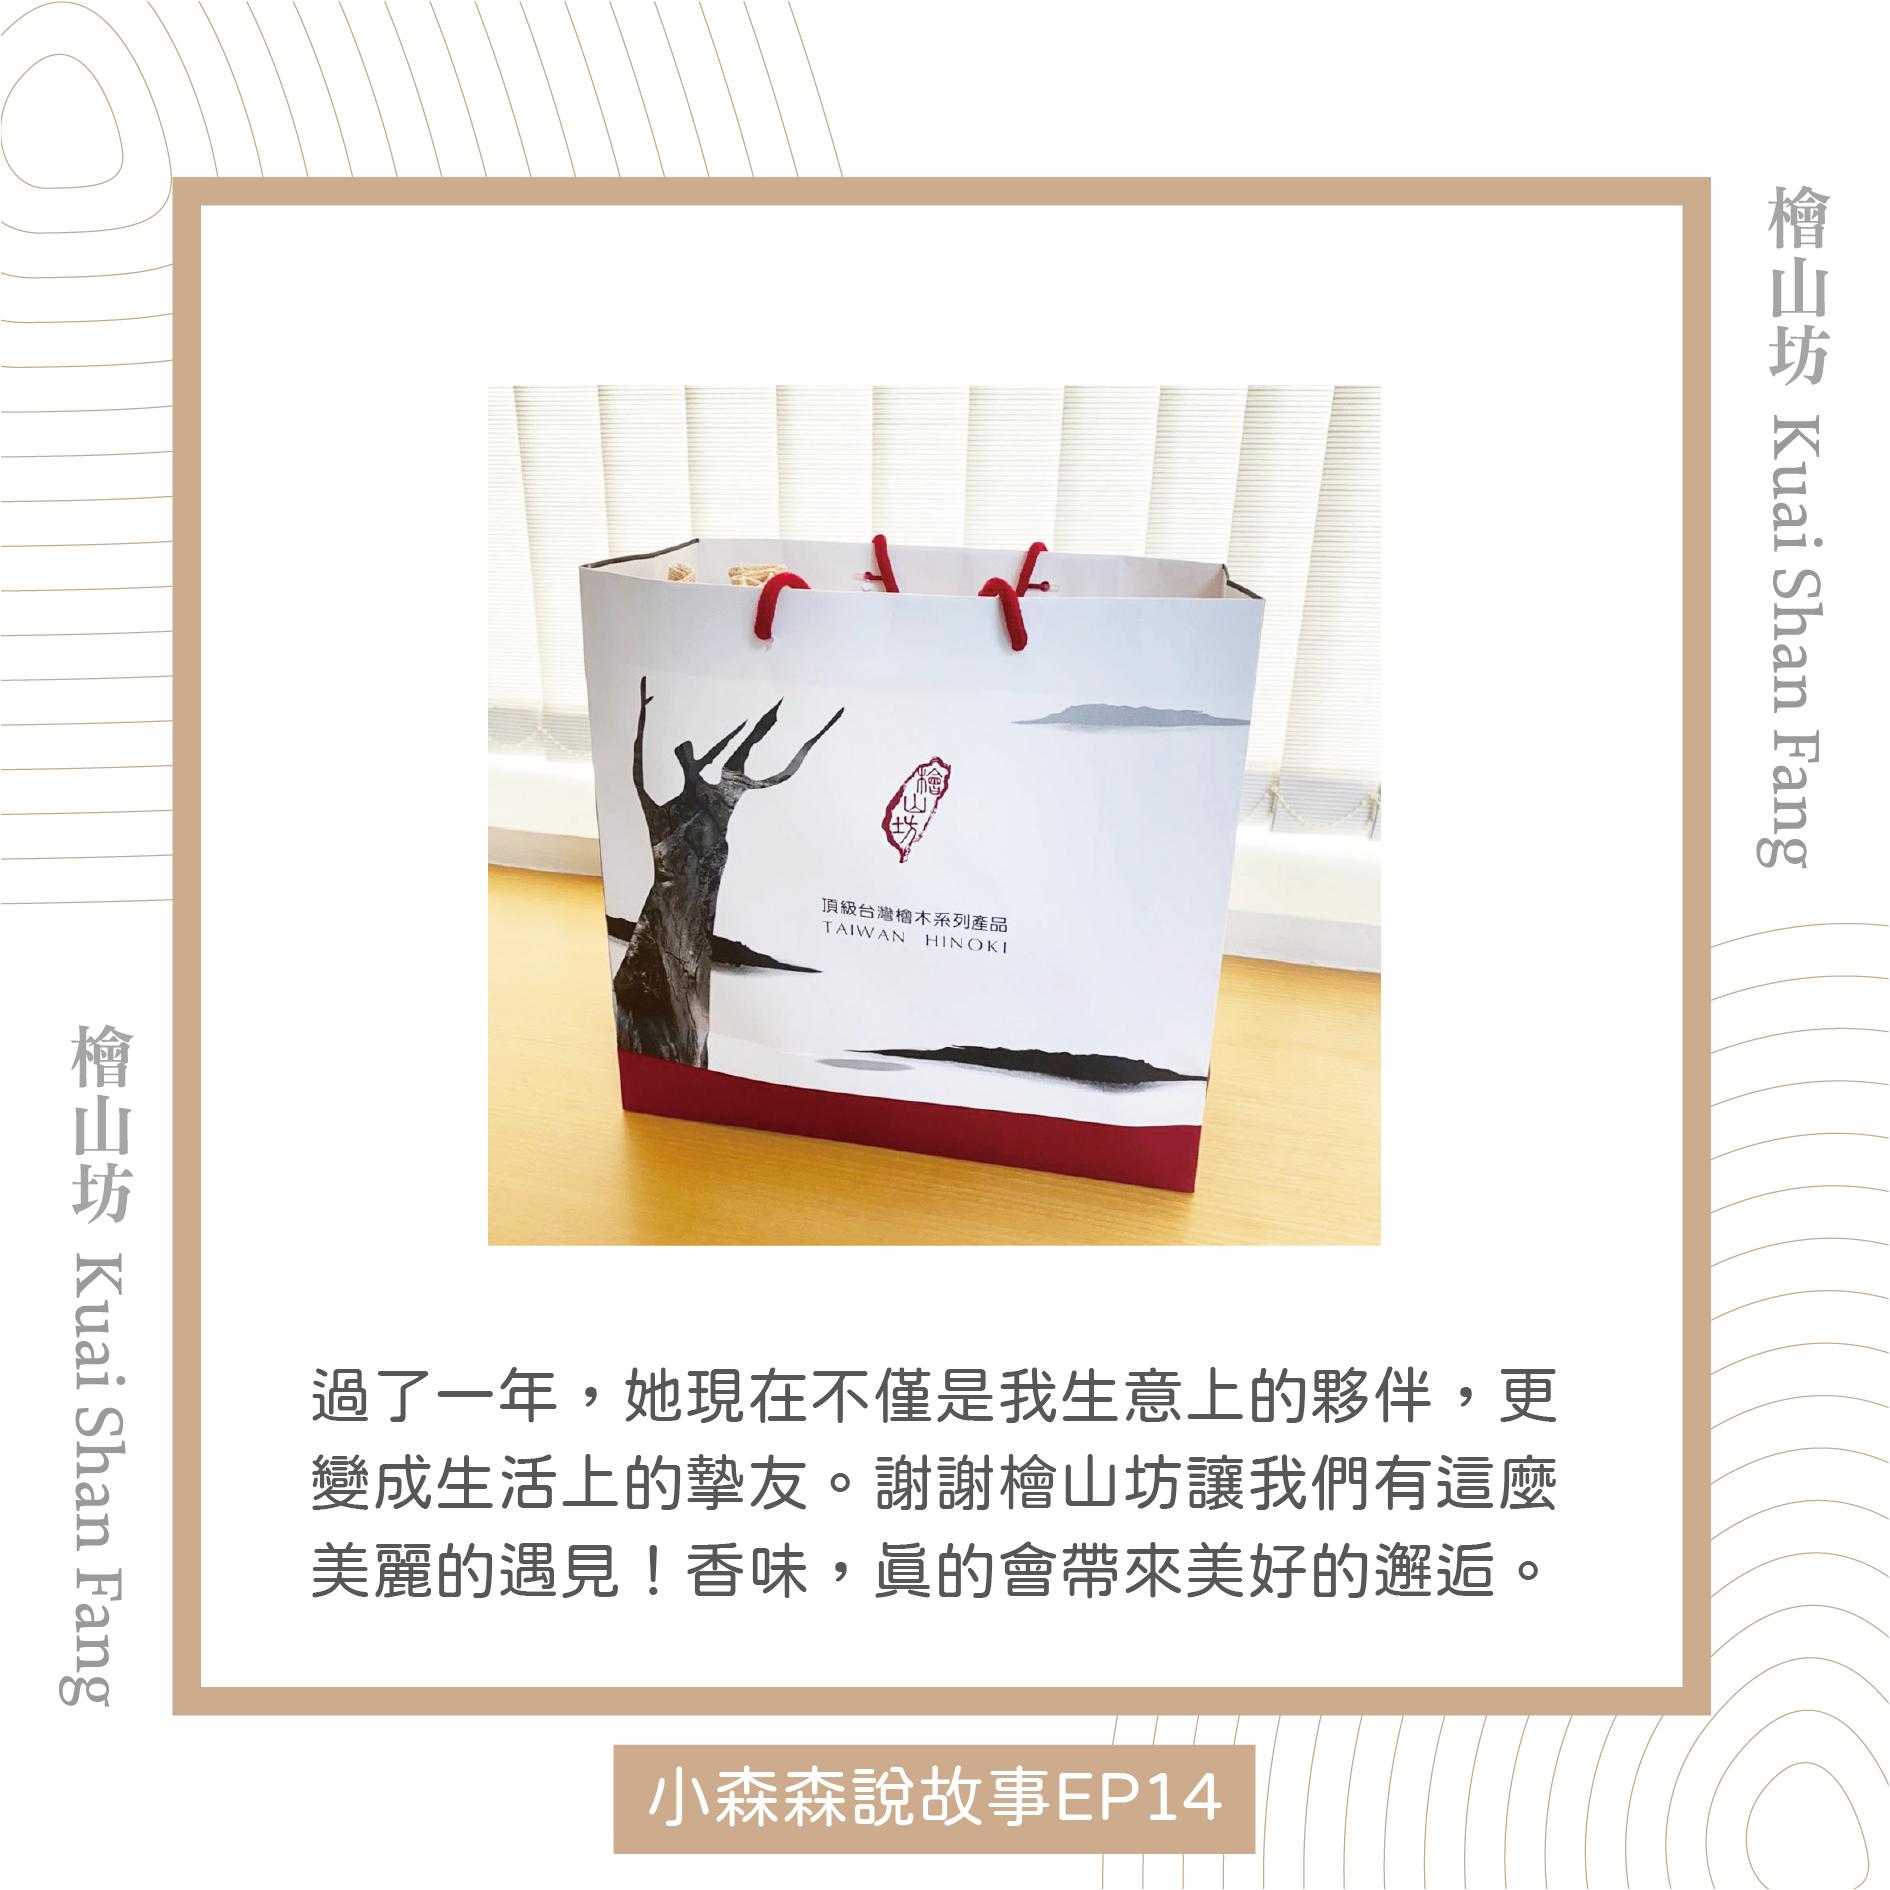 |小森森說故事 EP14|中秋節送檜山坊禮盒而談成的生意